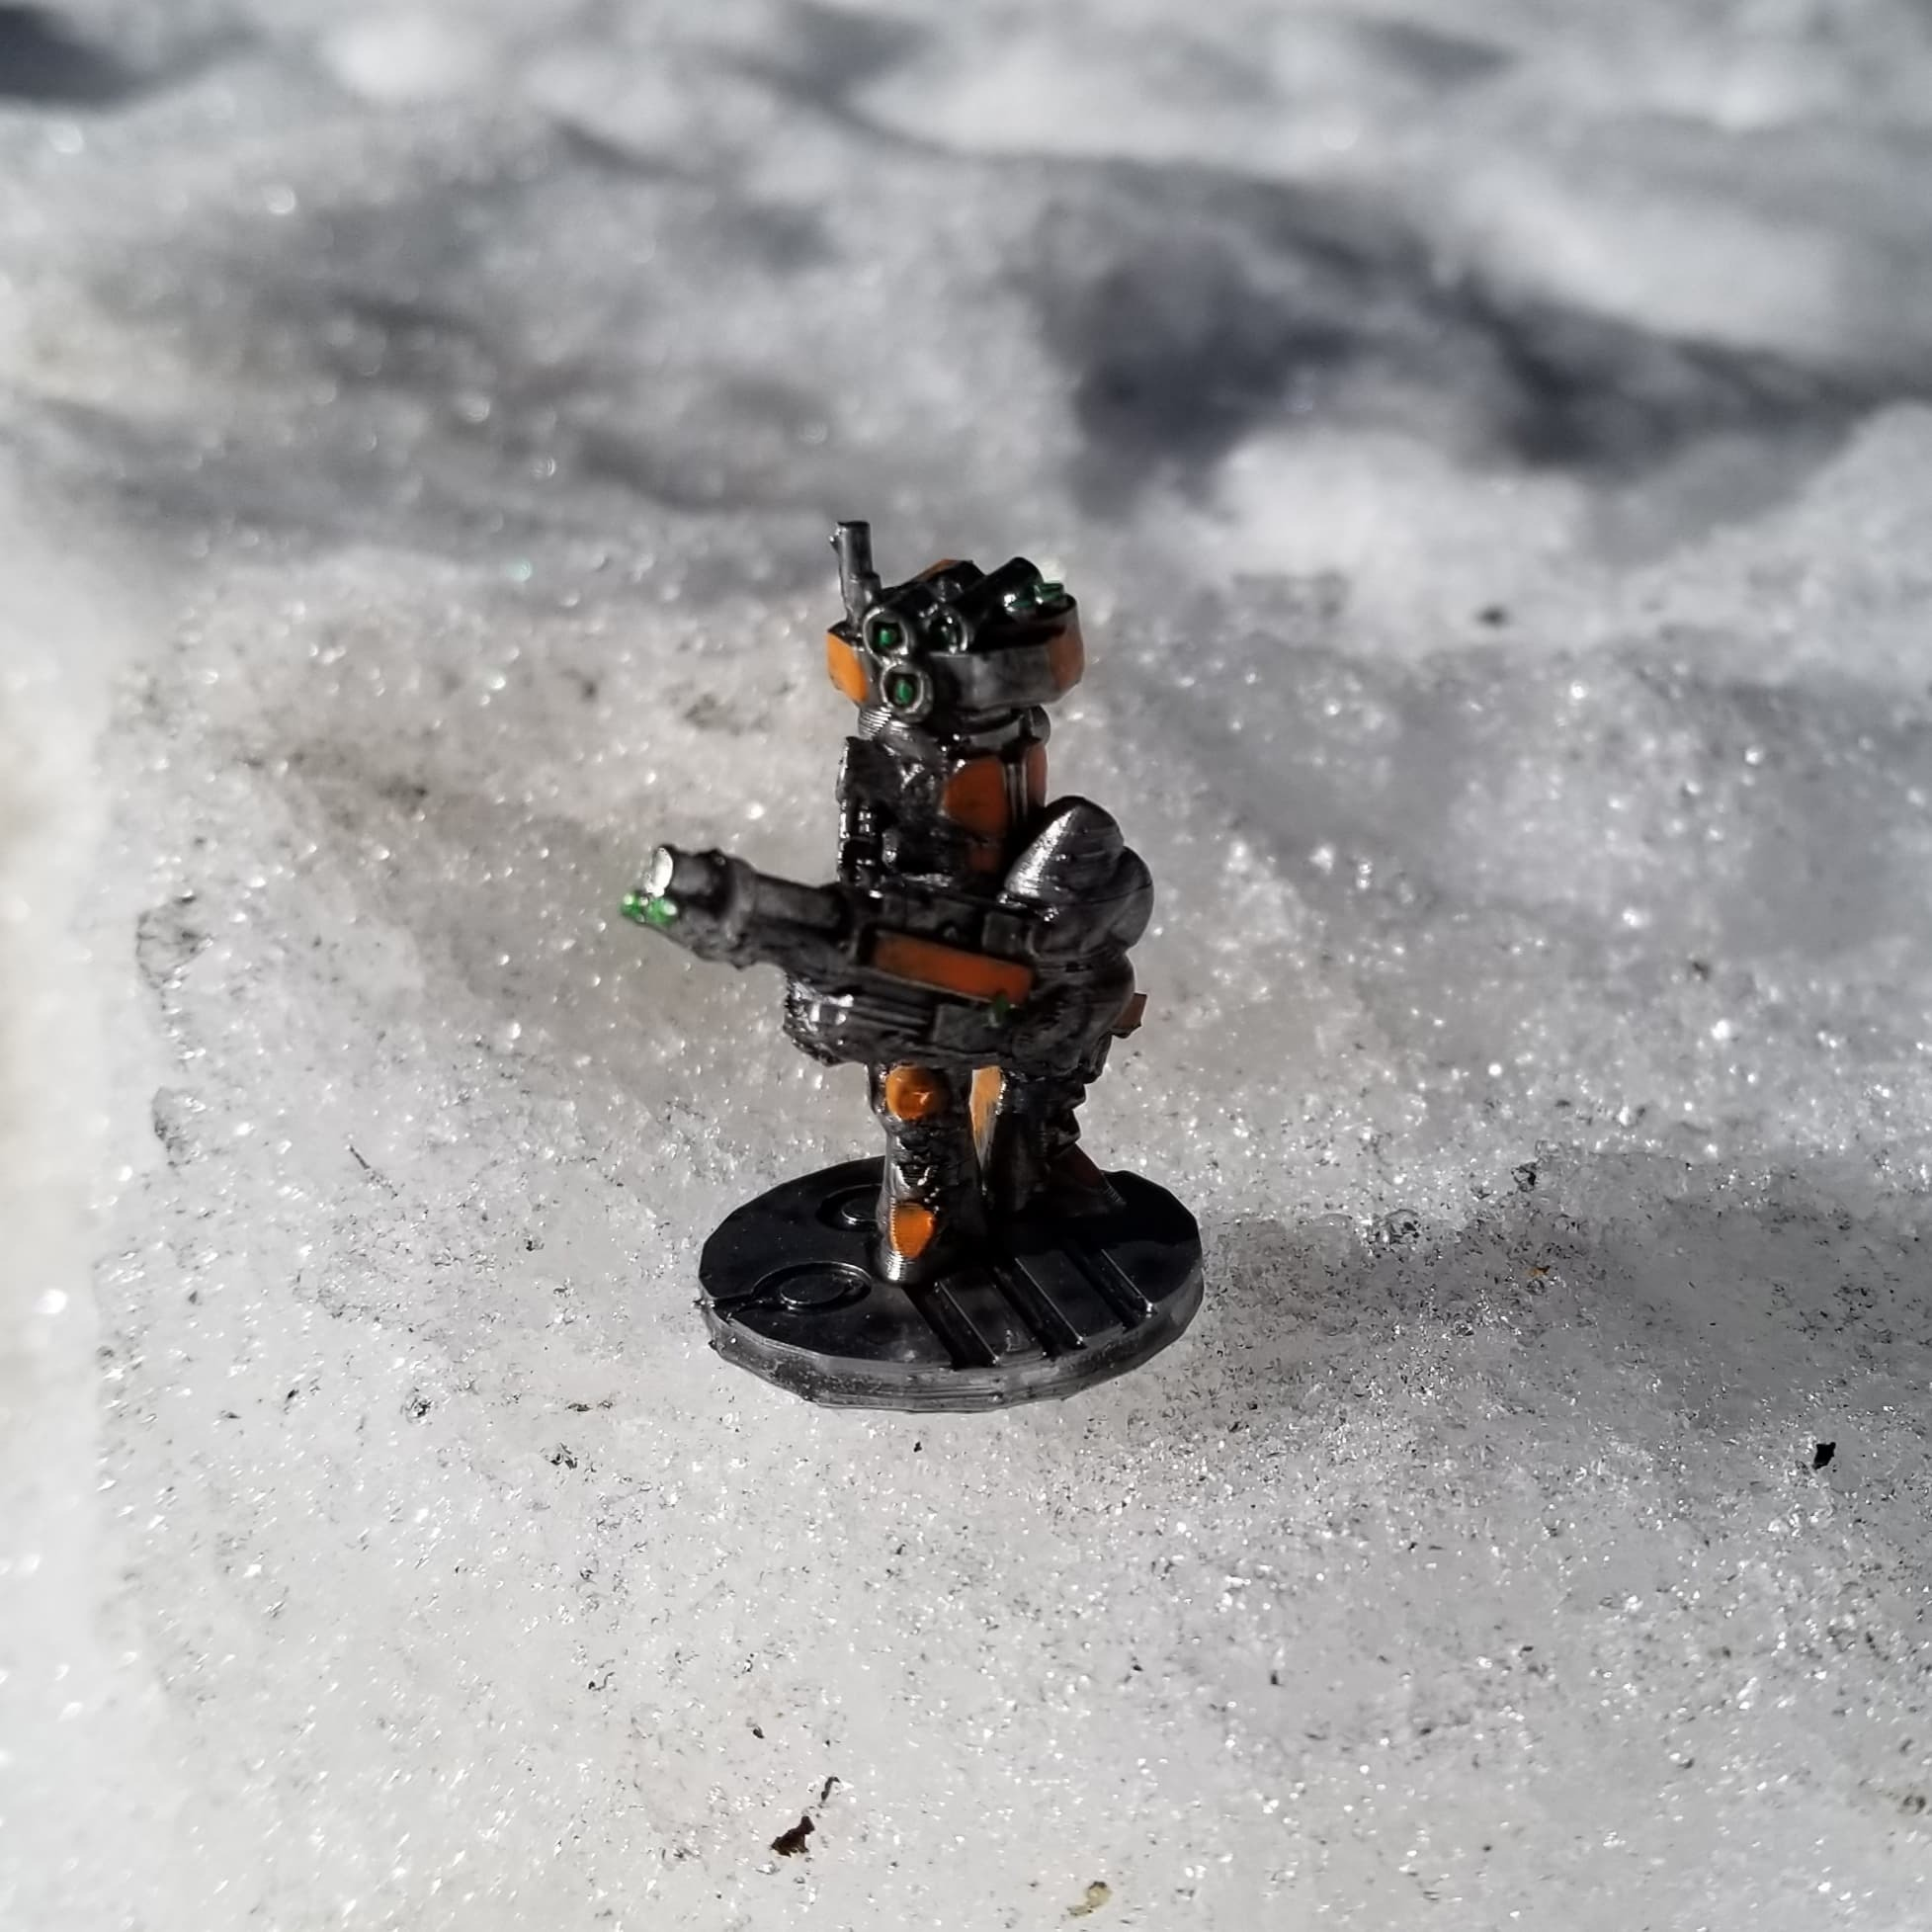 SL Robot Chaingun.jpg Download STL file Support-Free Chaingun Robot • 3D printer template, Ellie_Valkyrie